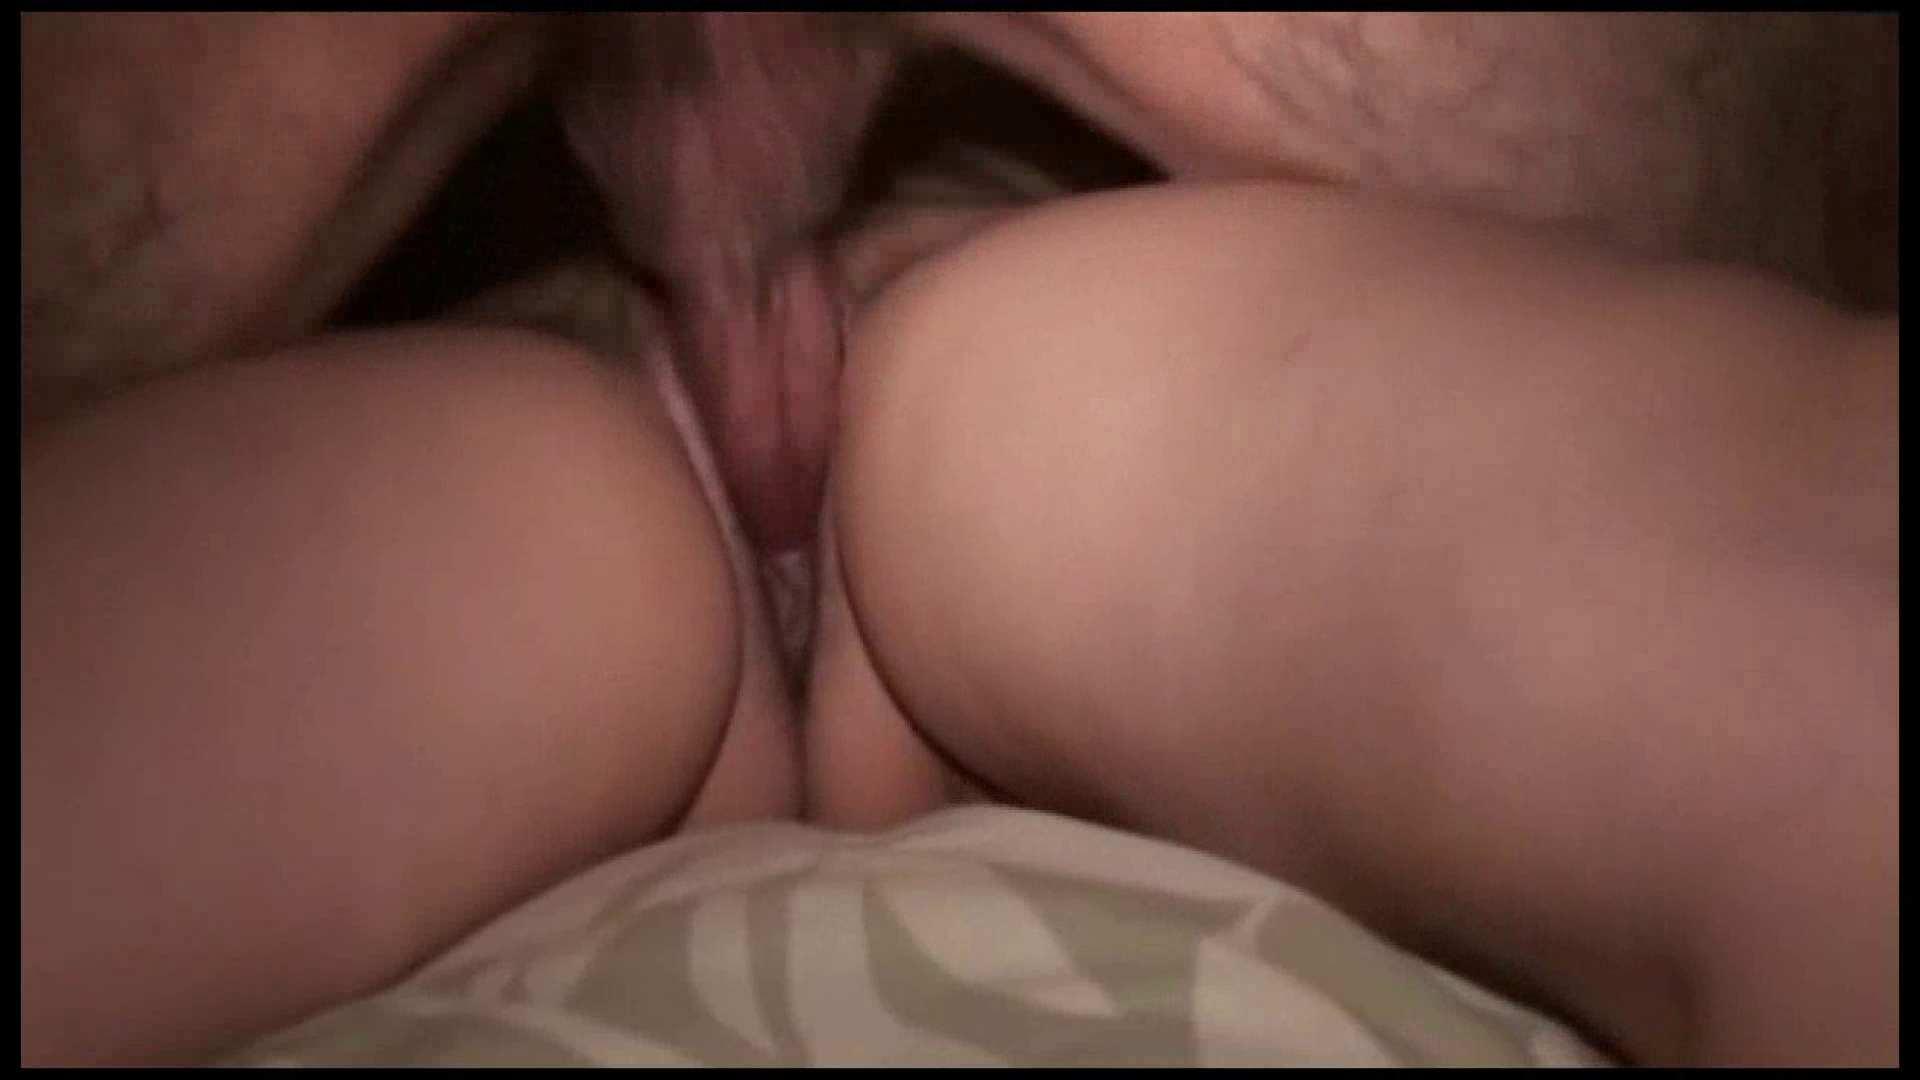 ハメ撮り天国 Vol.38 お姉さんのボディ | OLのボディ  108PIX 103